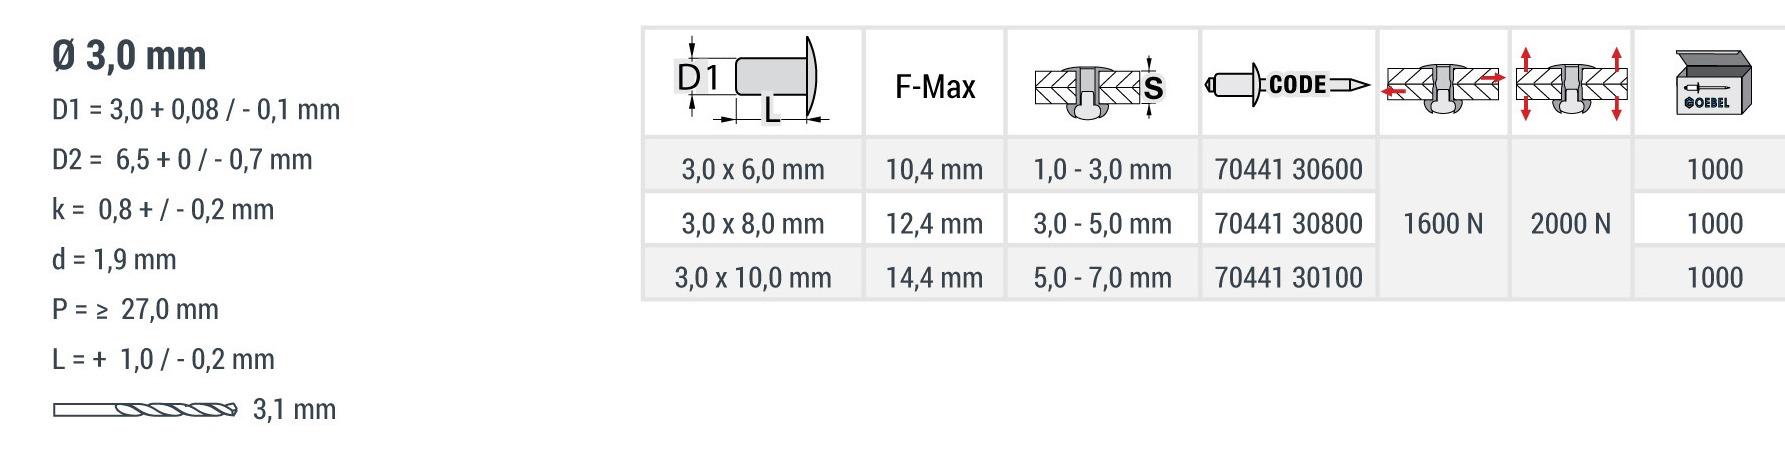 Заклепка отрывная STANDART, материал: нержавейка A4 / нержавейка A4